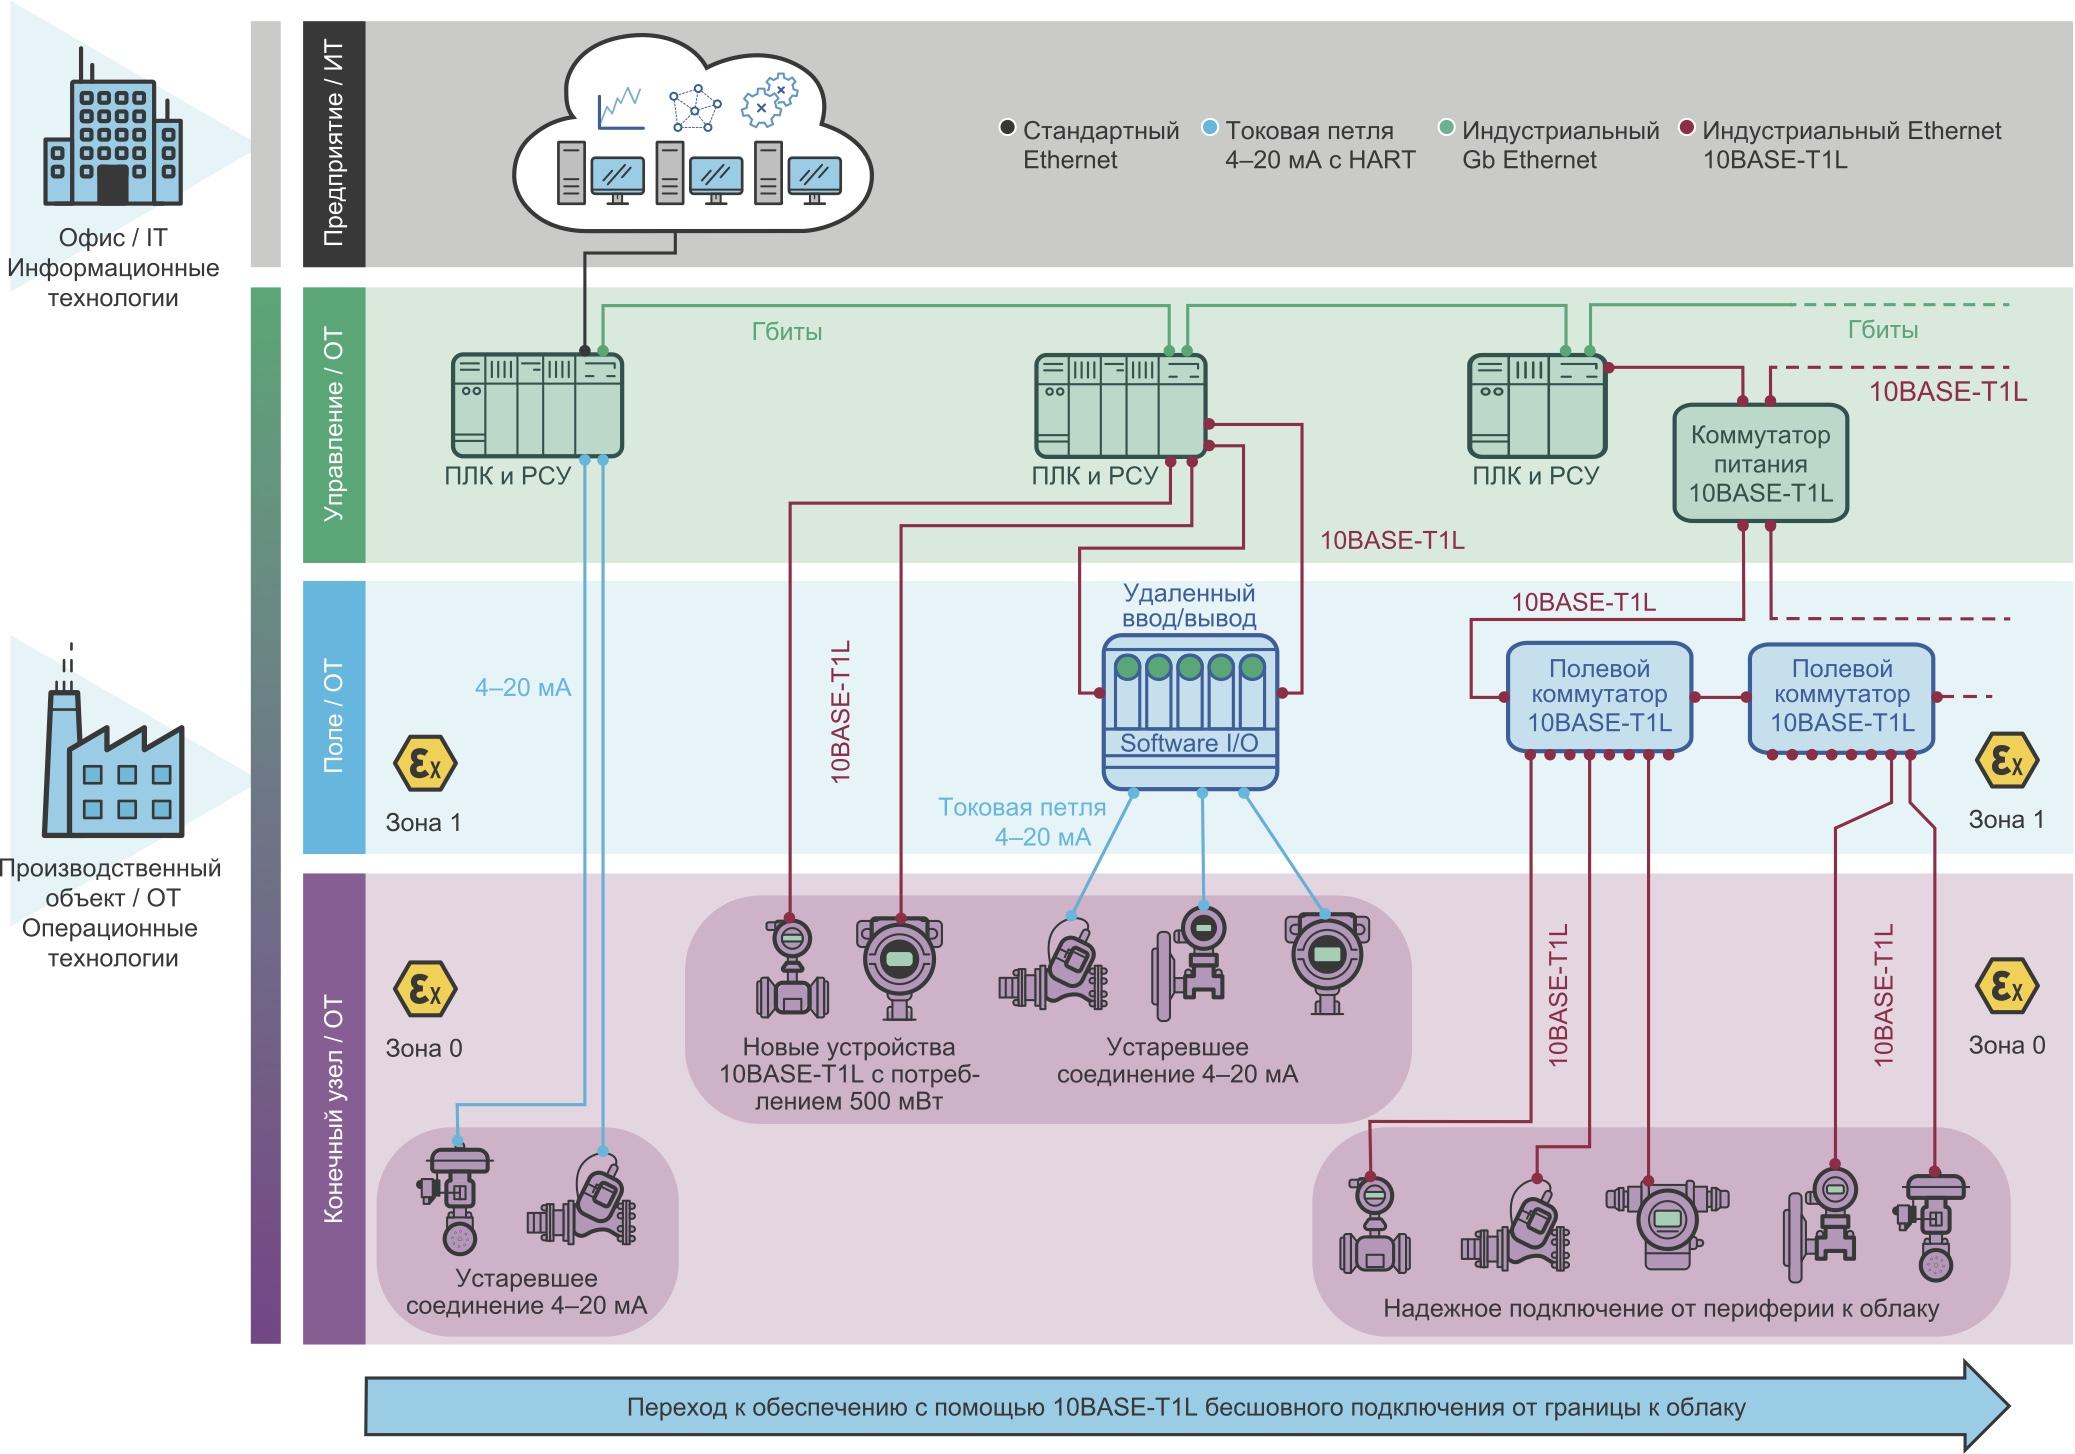 Унаследованная раздельная кабельная проводка постепенно превратится в интеллектуальную сеть Ethernet для всех датчиков и исполнительных механизмов